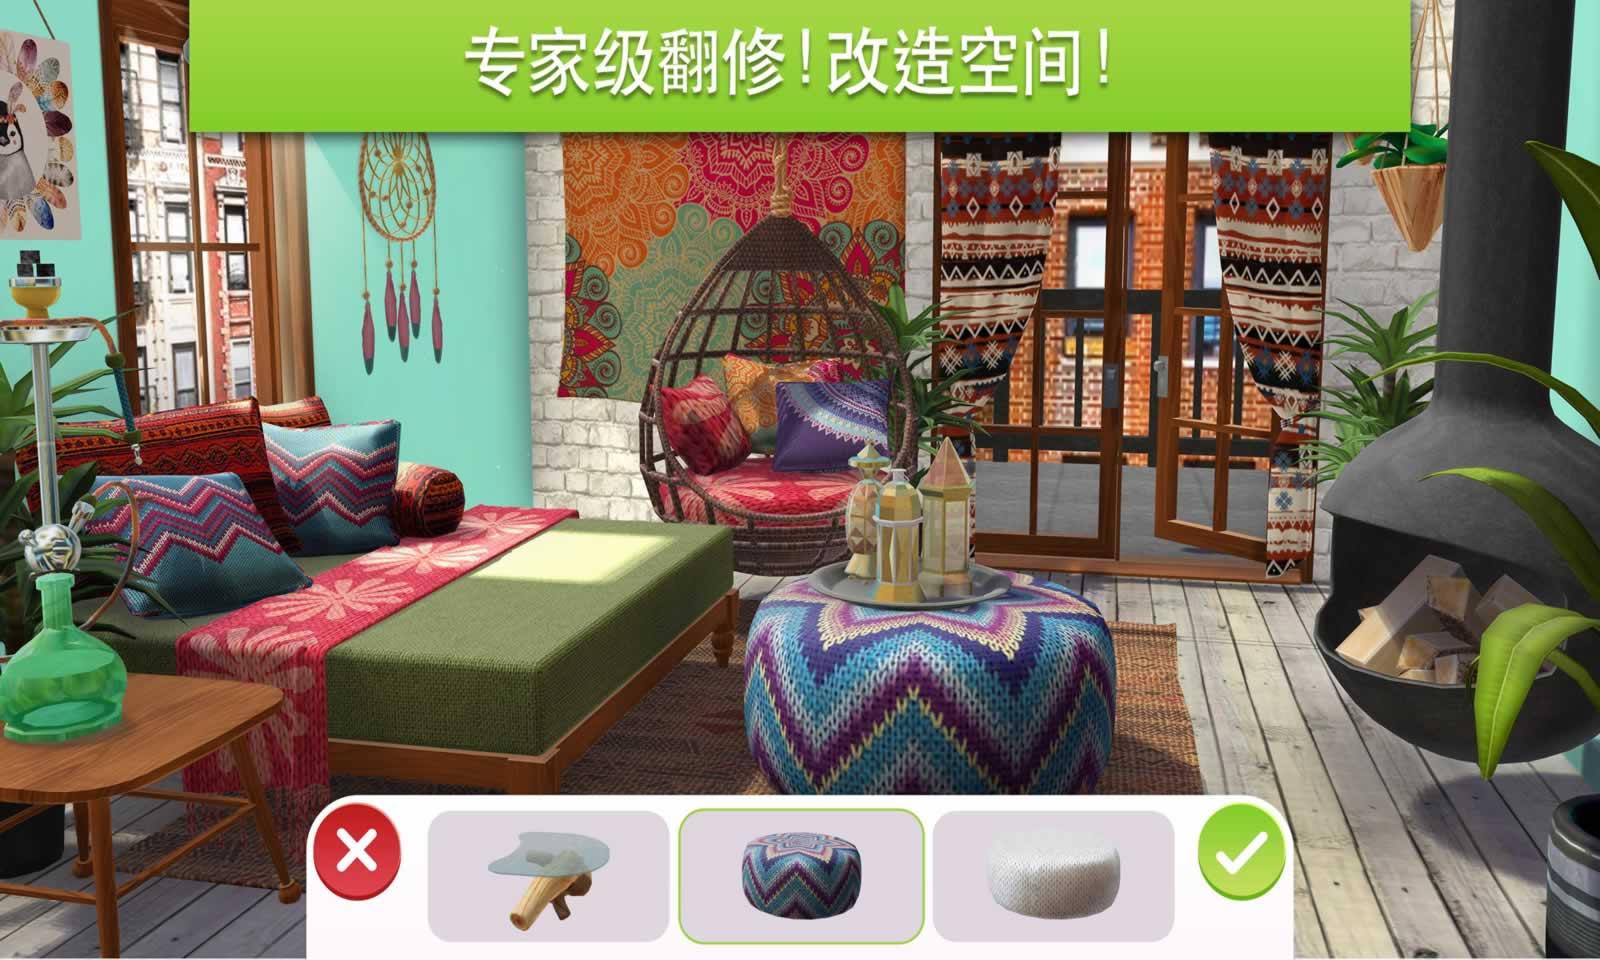 家居设计改造王最新破解版游戏截图